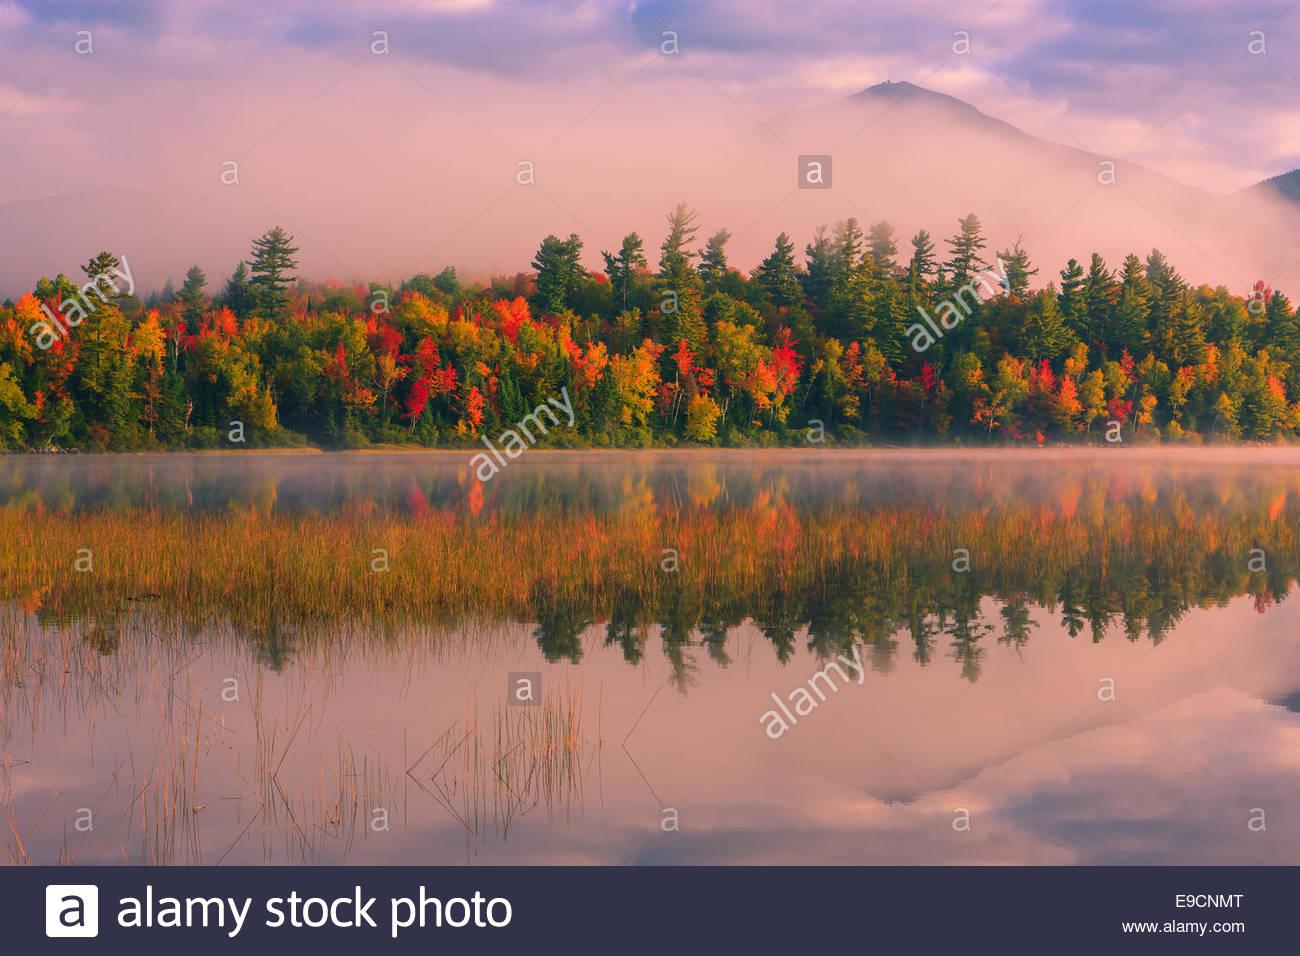 Connery Teich im Adirondack State Park in der Nähe von Lake Placid im nördlichen Teil des New York State, Stockbild